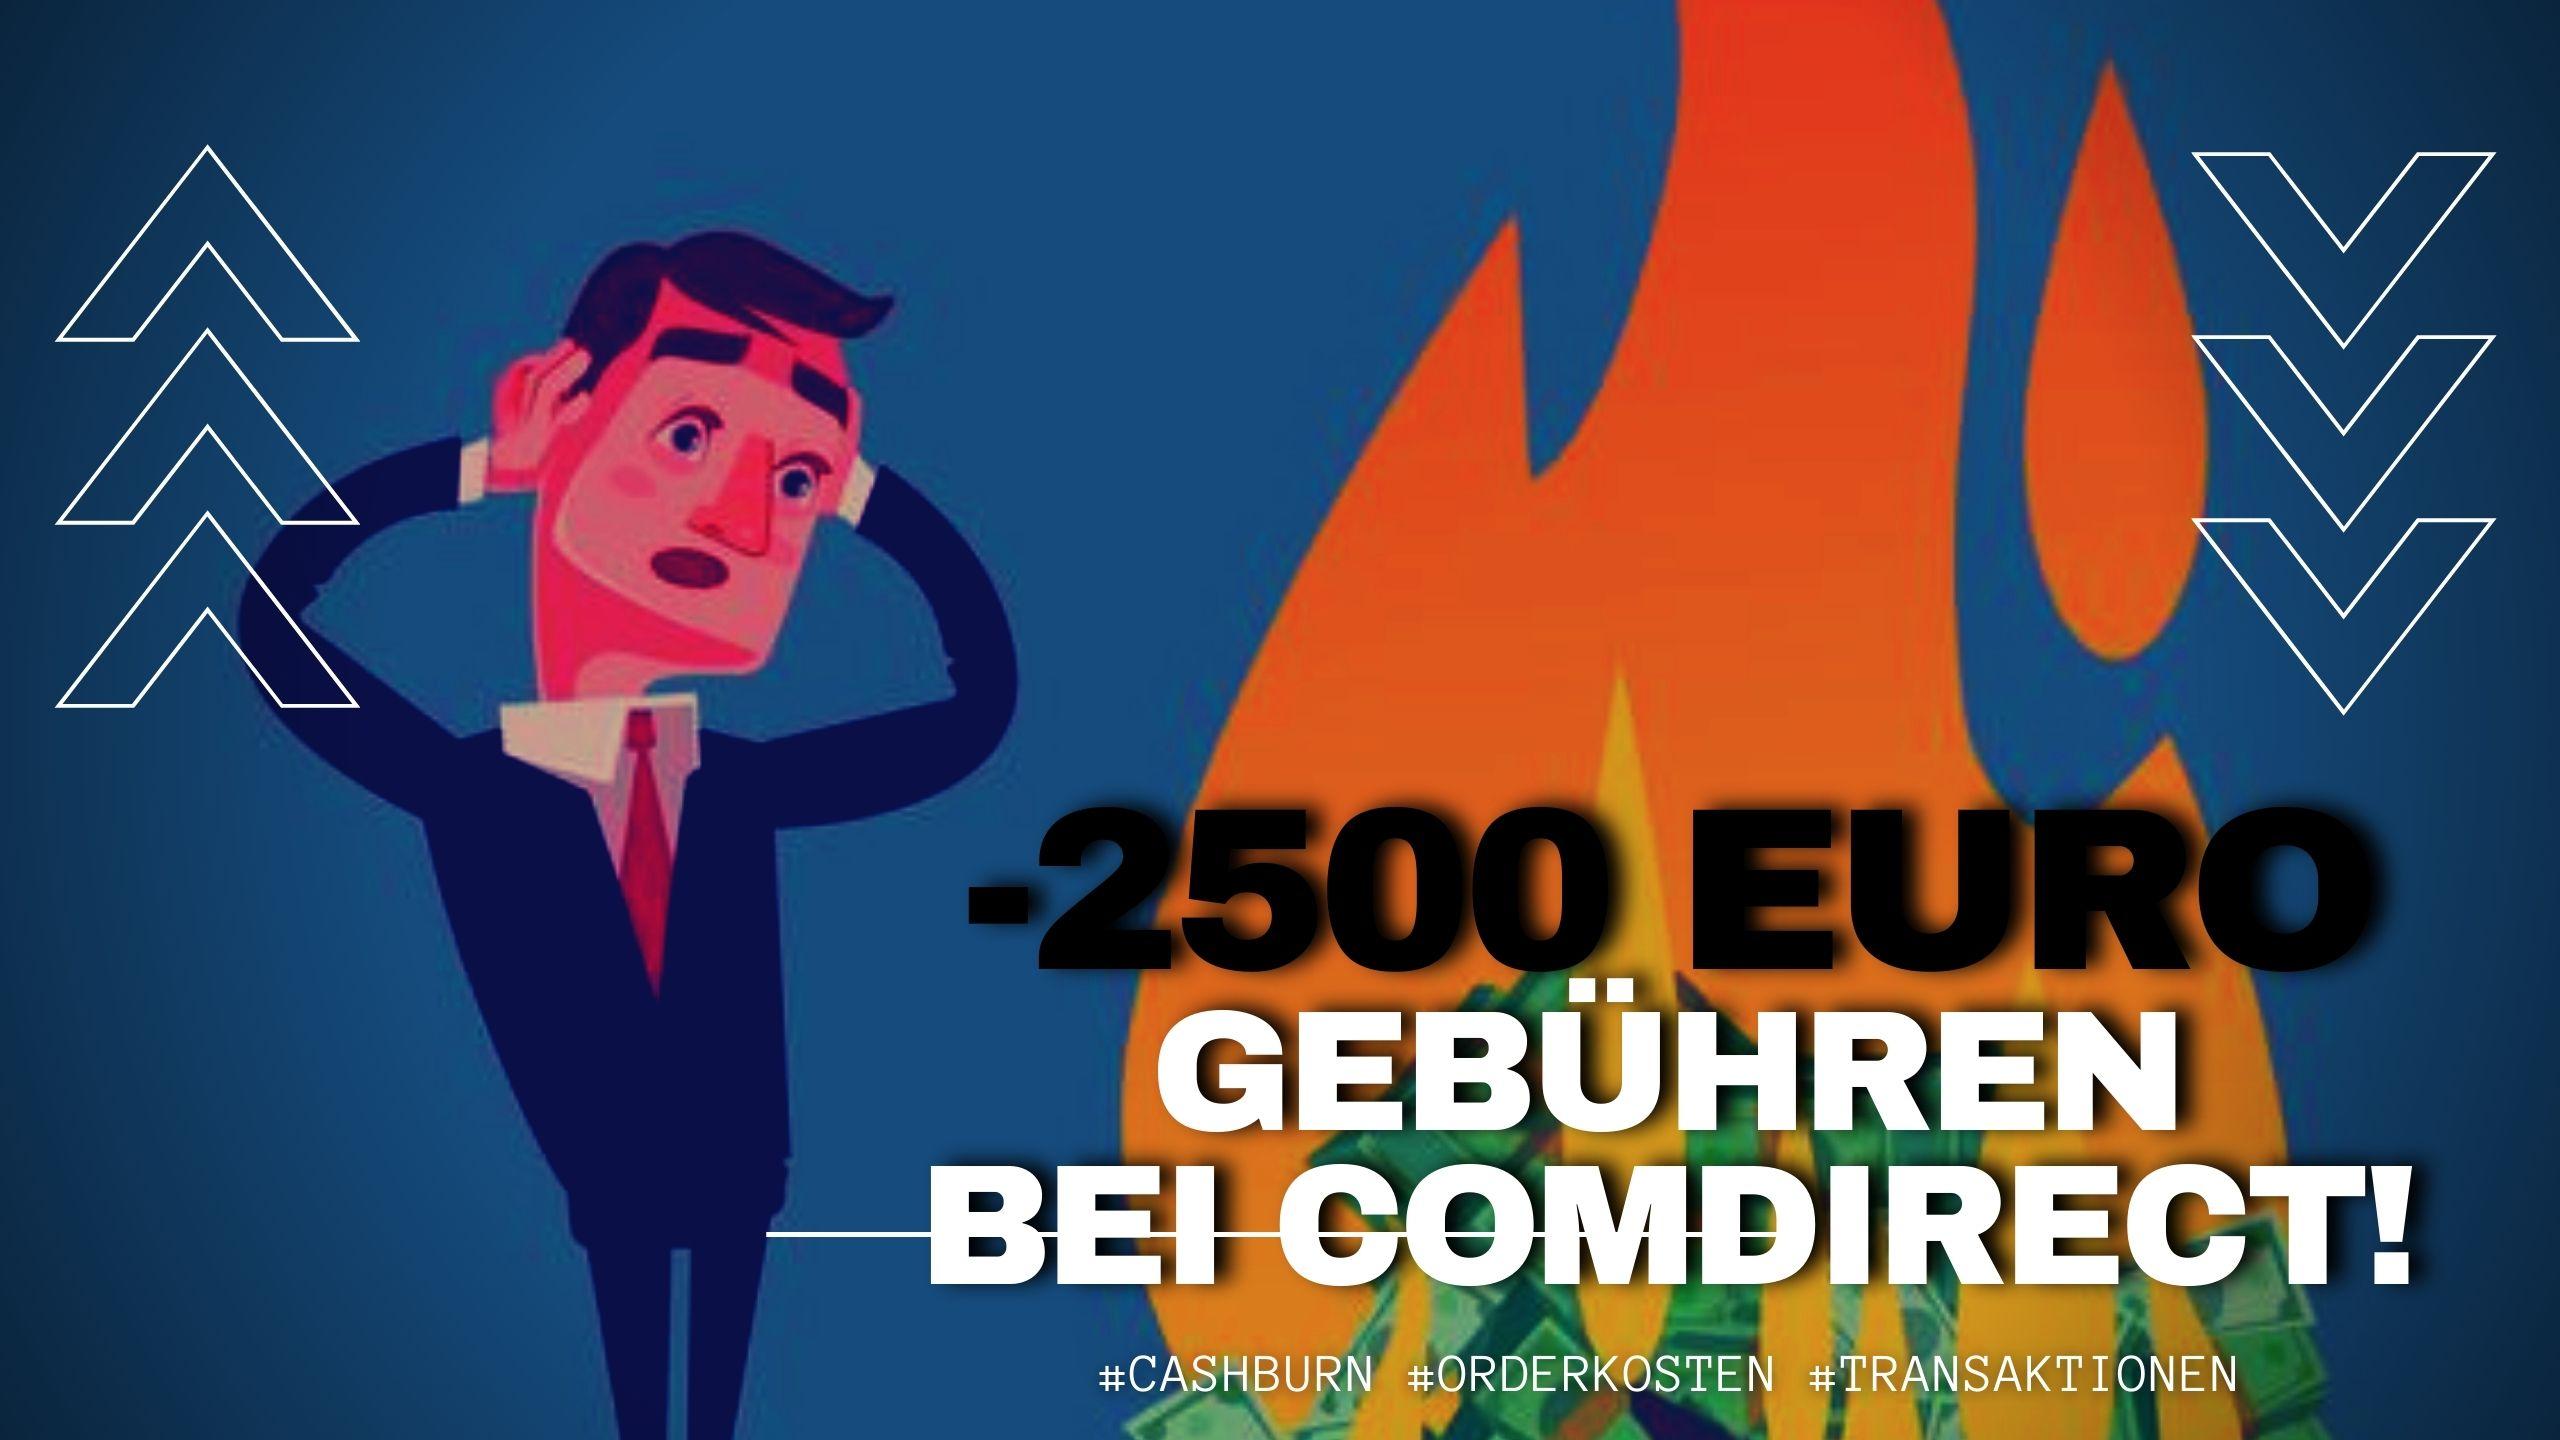 Ordergebühren bei Comdirect kosten mich 2500 Euro